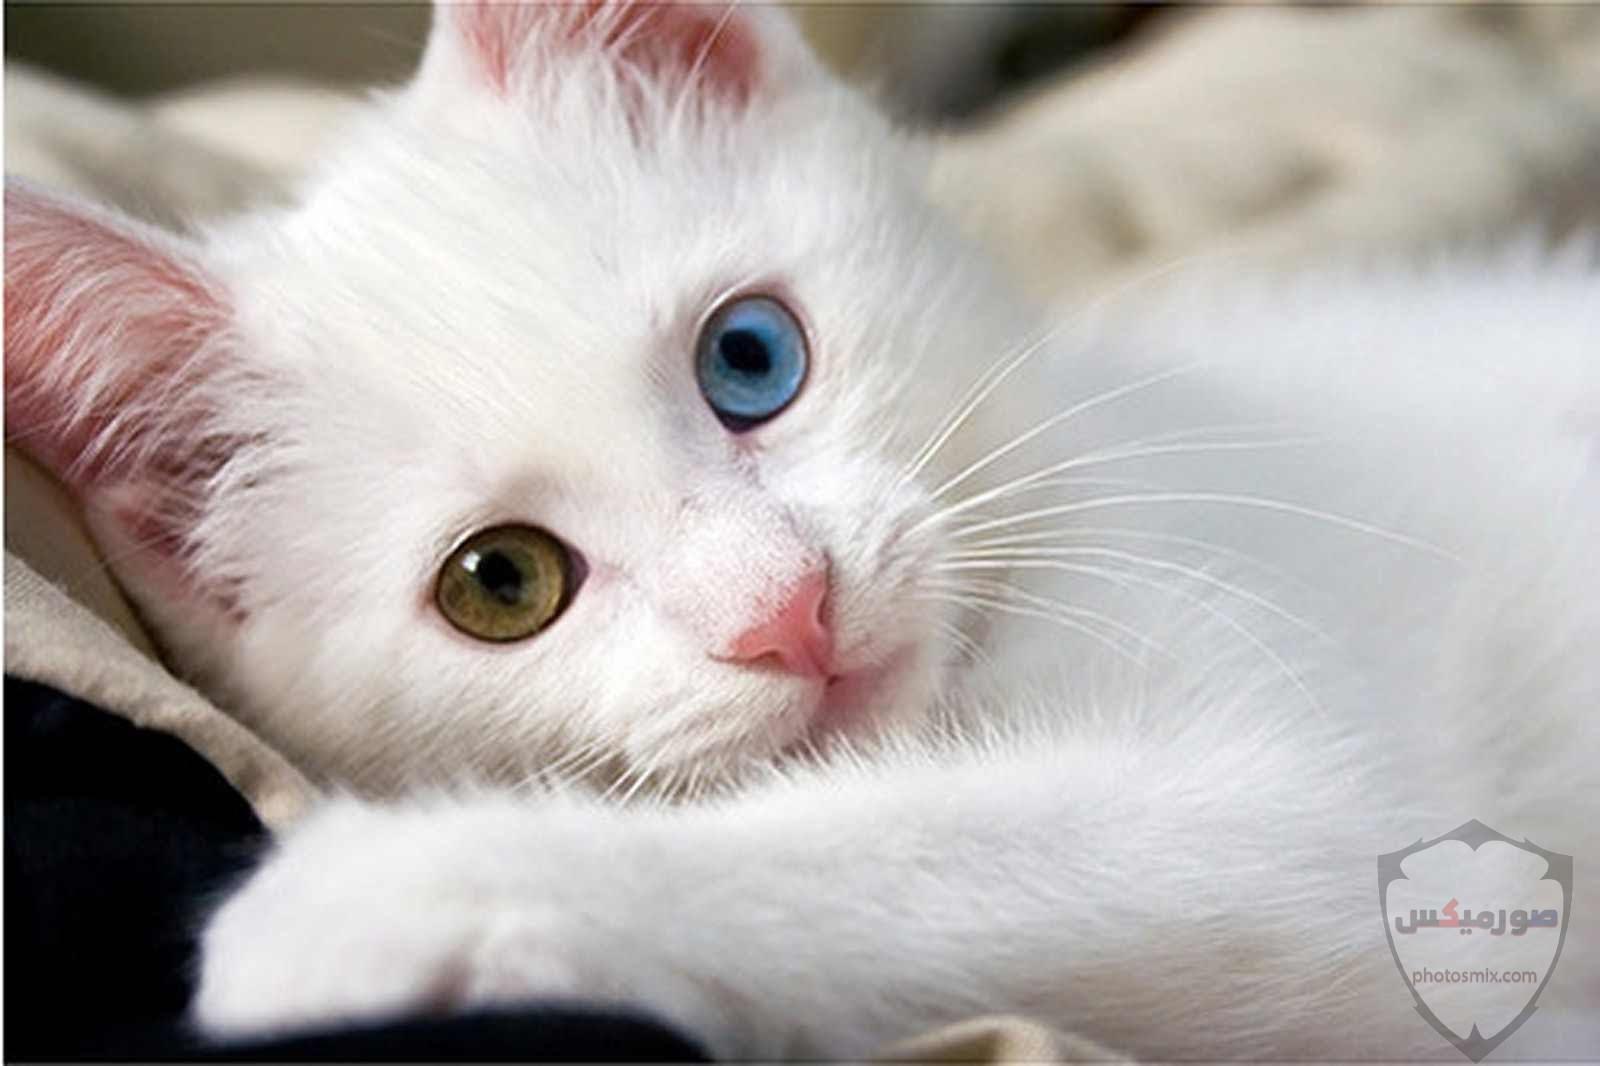 صور خلفيات رمزيات قطط كيوت صورة قطة كيوت جدا 50